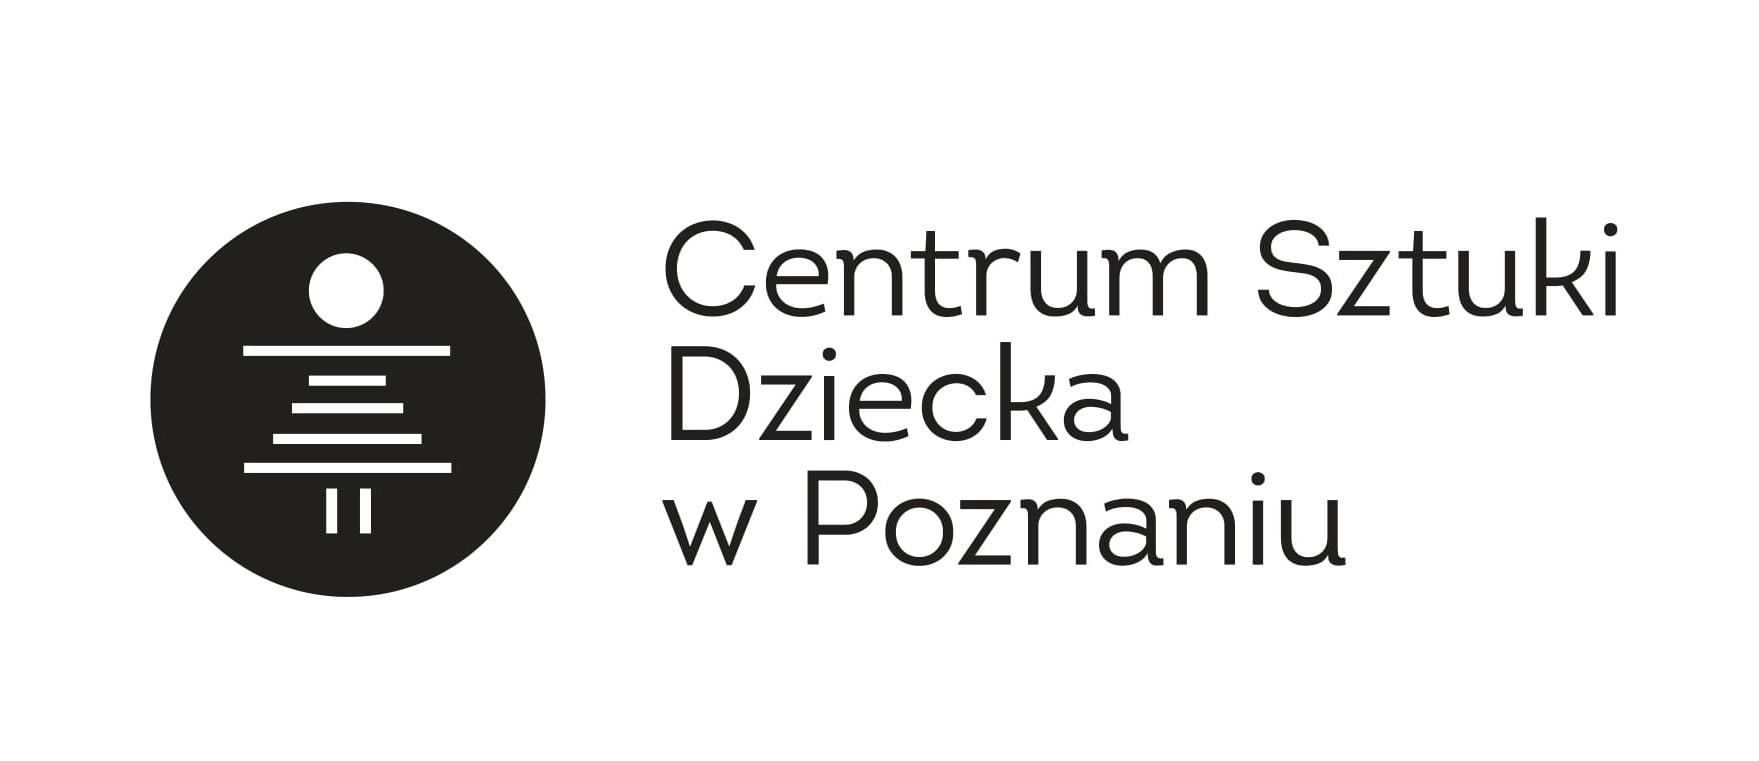 Centrum Sztuki Dziecka w Poznaniu